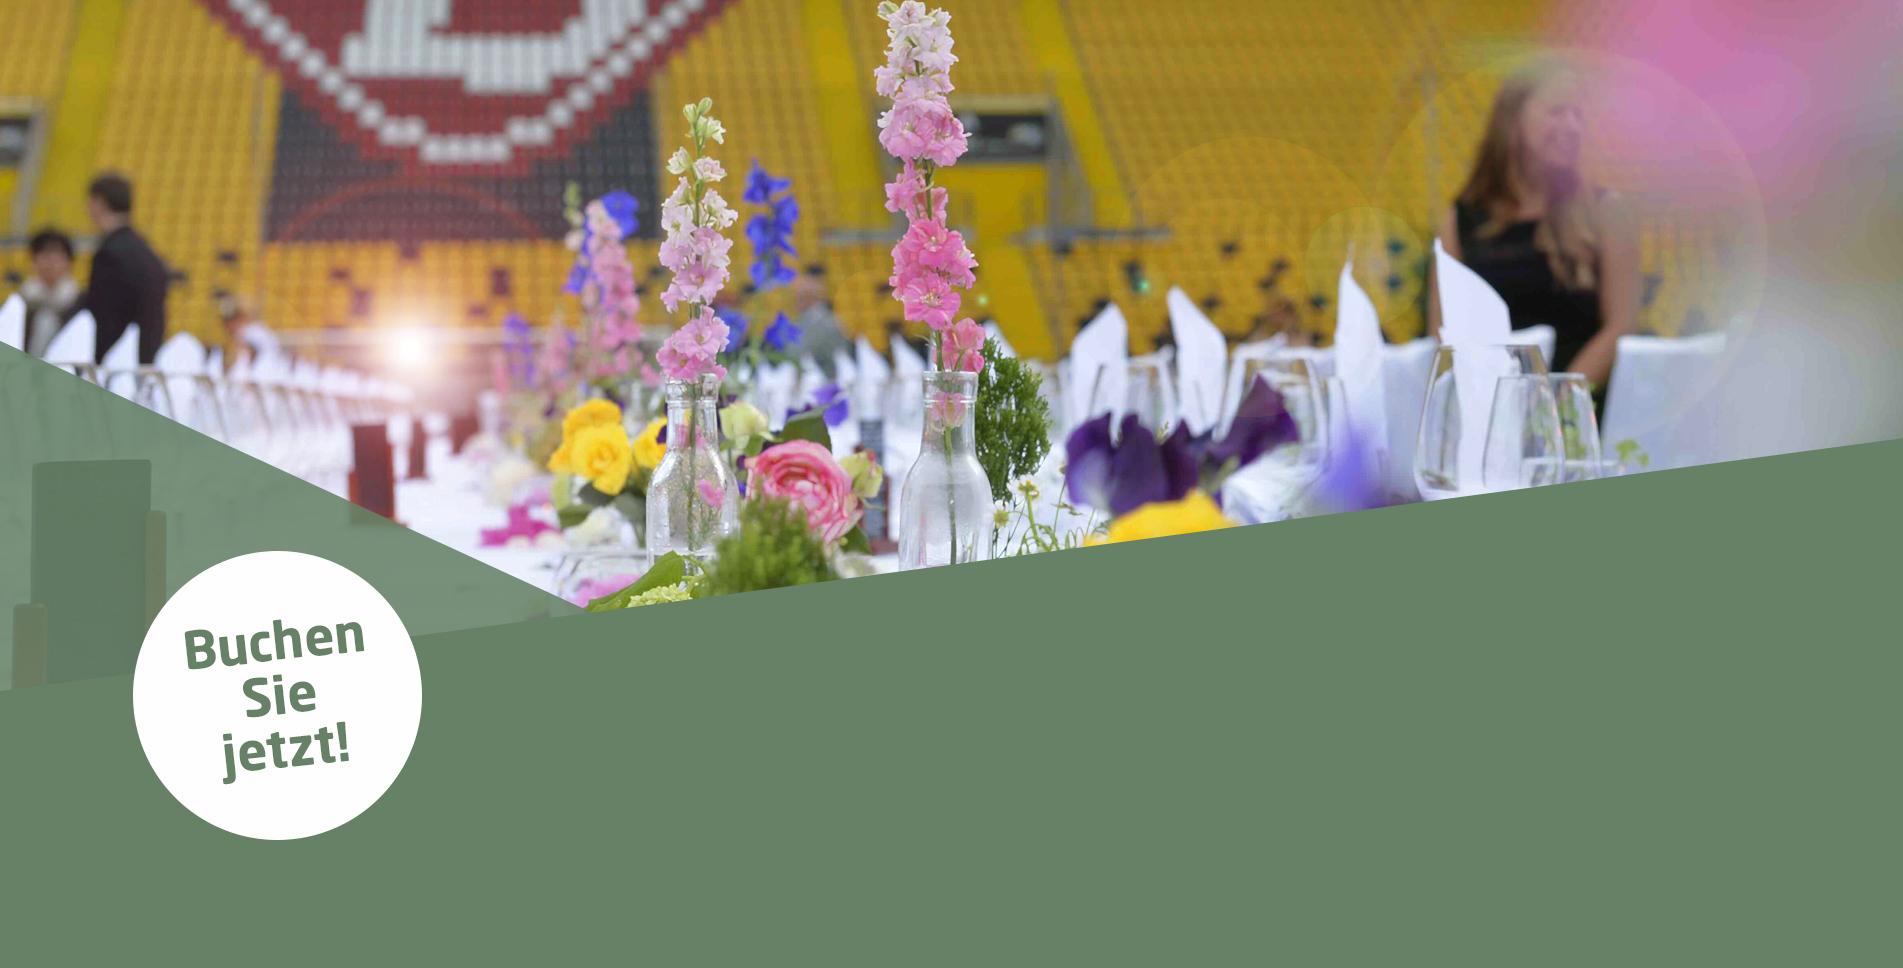 Wir planen gemeinsam mit Ihnen Ihre Familienfeier im Rudolf-Harbig-Stadion!